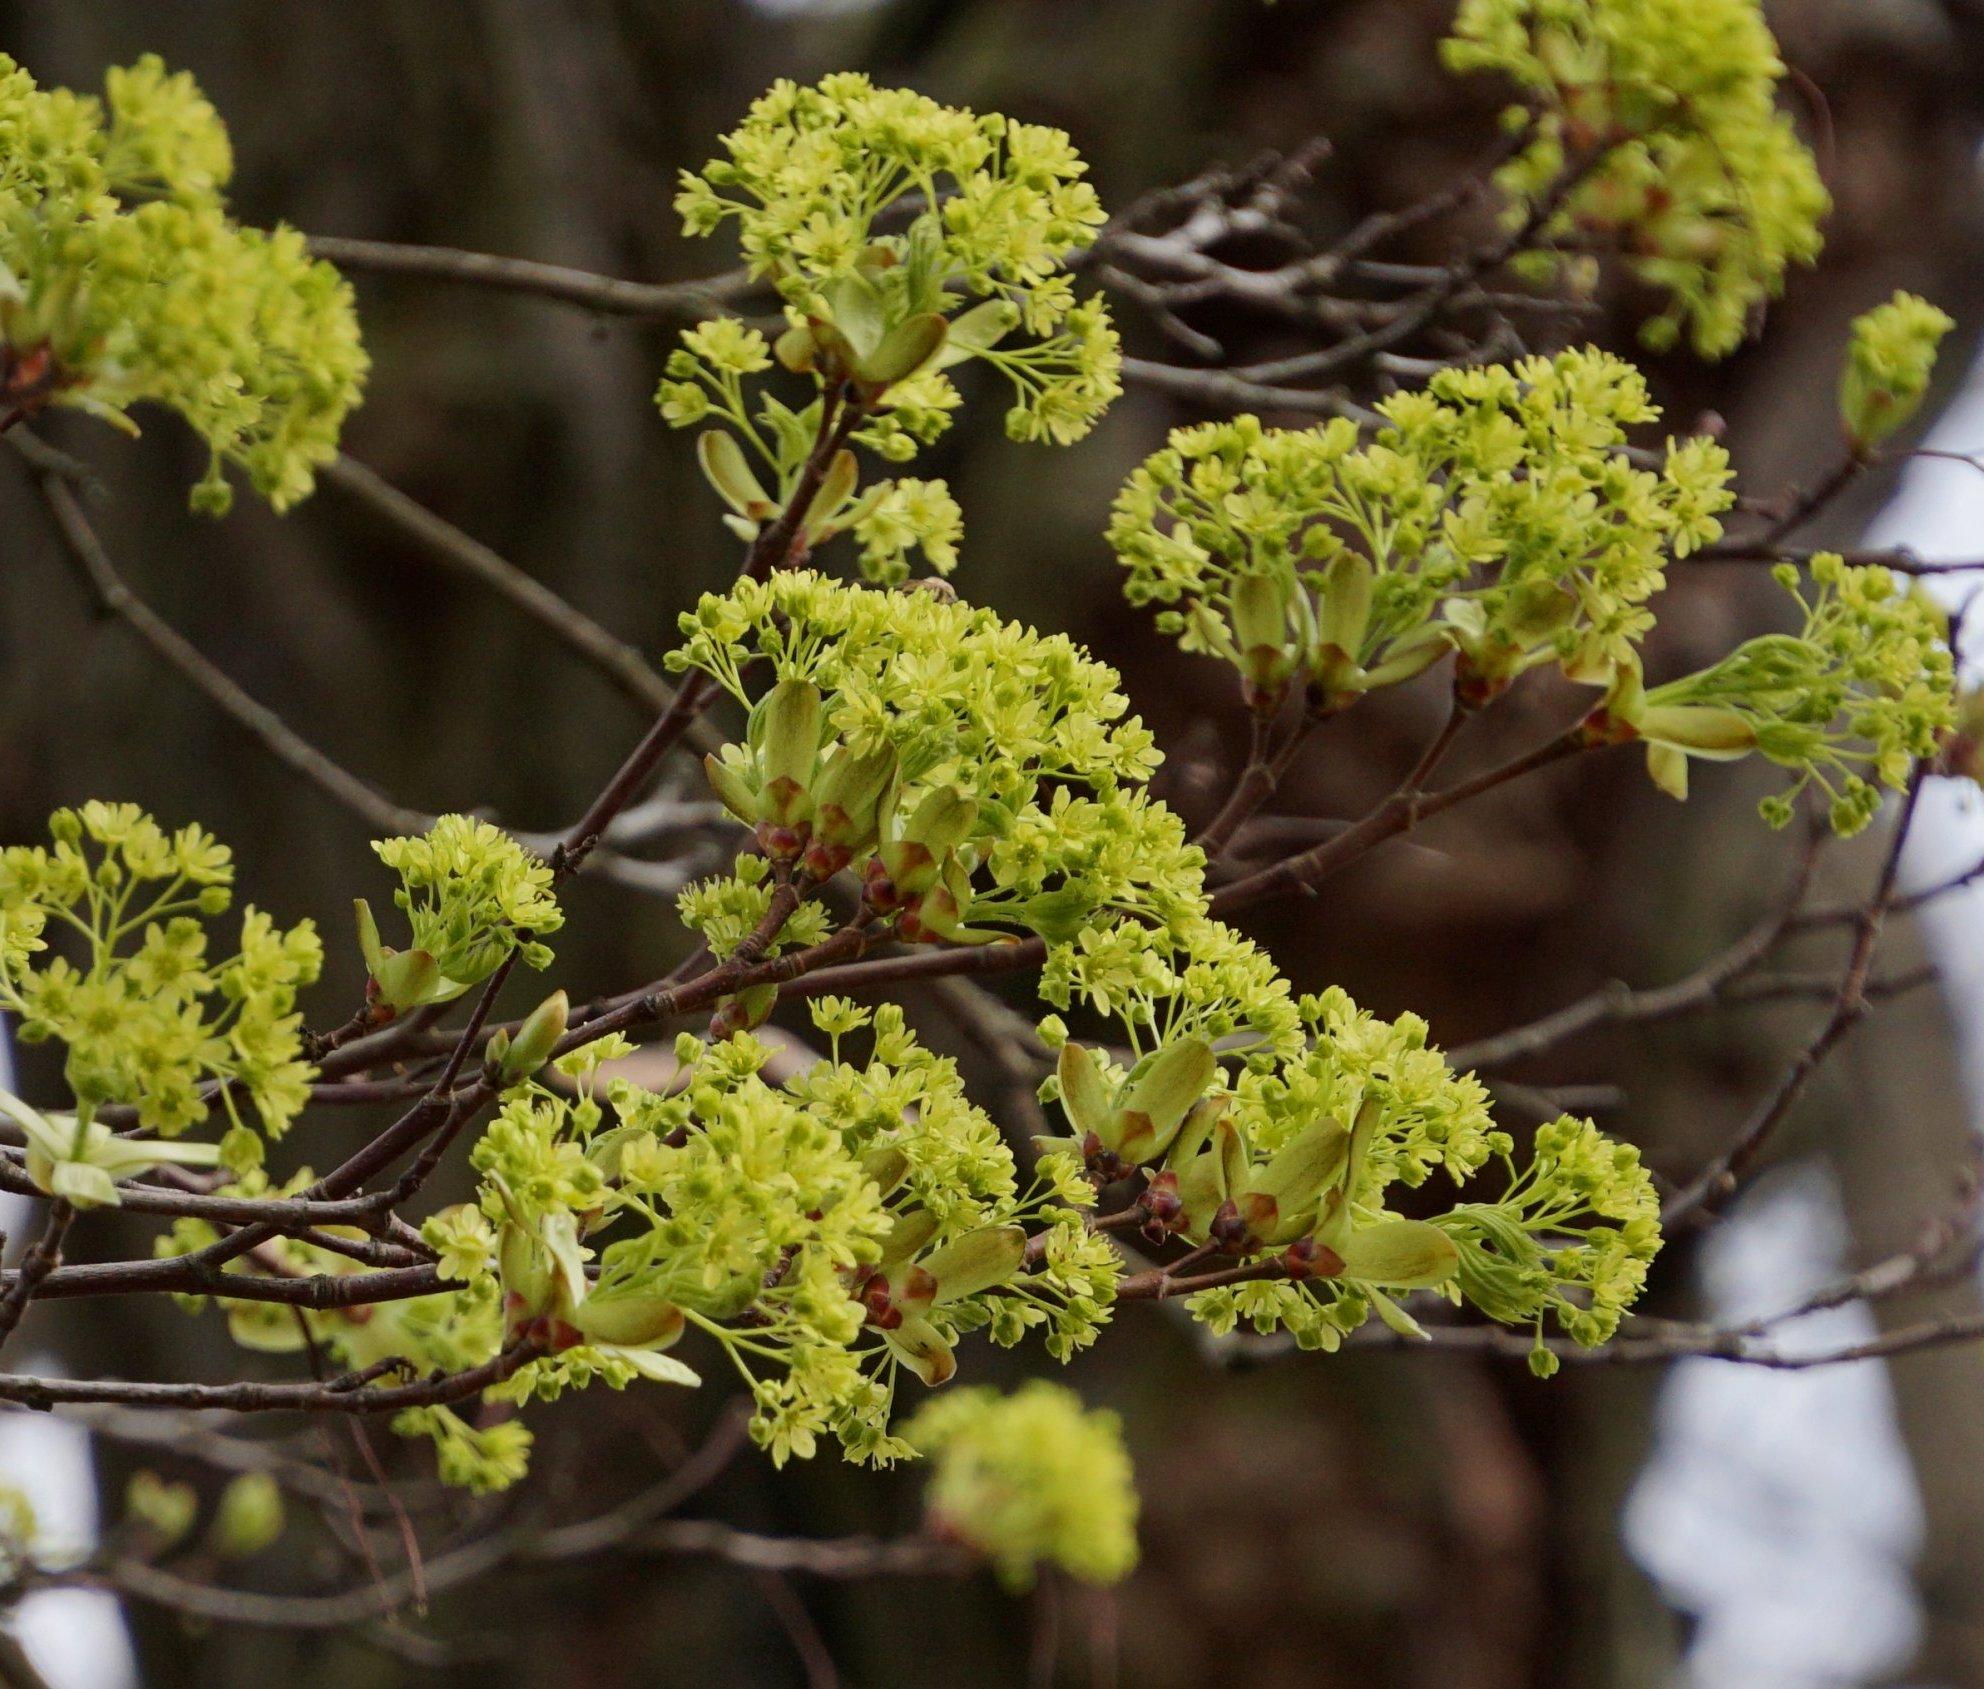 Das Bild zeigt die bereits in der ersten April-Hälfte aus den Knospen brechenden Blütenrispen des Spitz-Ahorns. Es ist das erste wirkliche Grün, was sich in Baumkronen winterkahler Laubgehölze ausmachen lässt. Der früher blühende Silber-Ahorn zeigt rötliche und blassgrüne Blütenfarben.